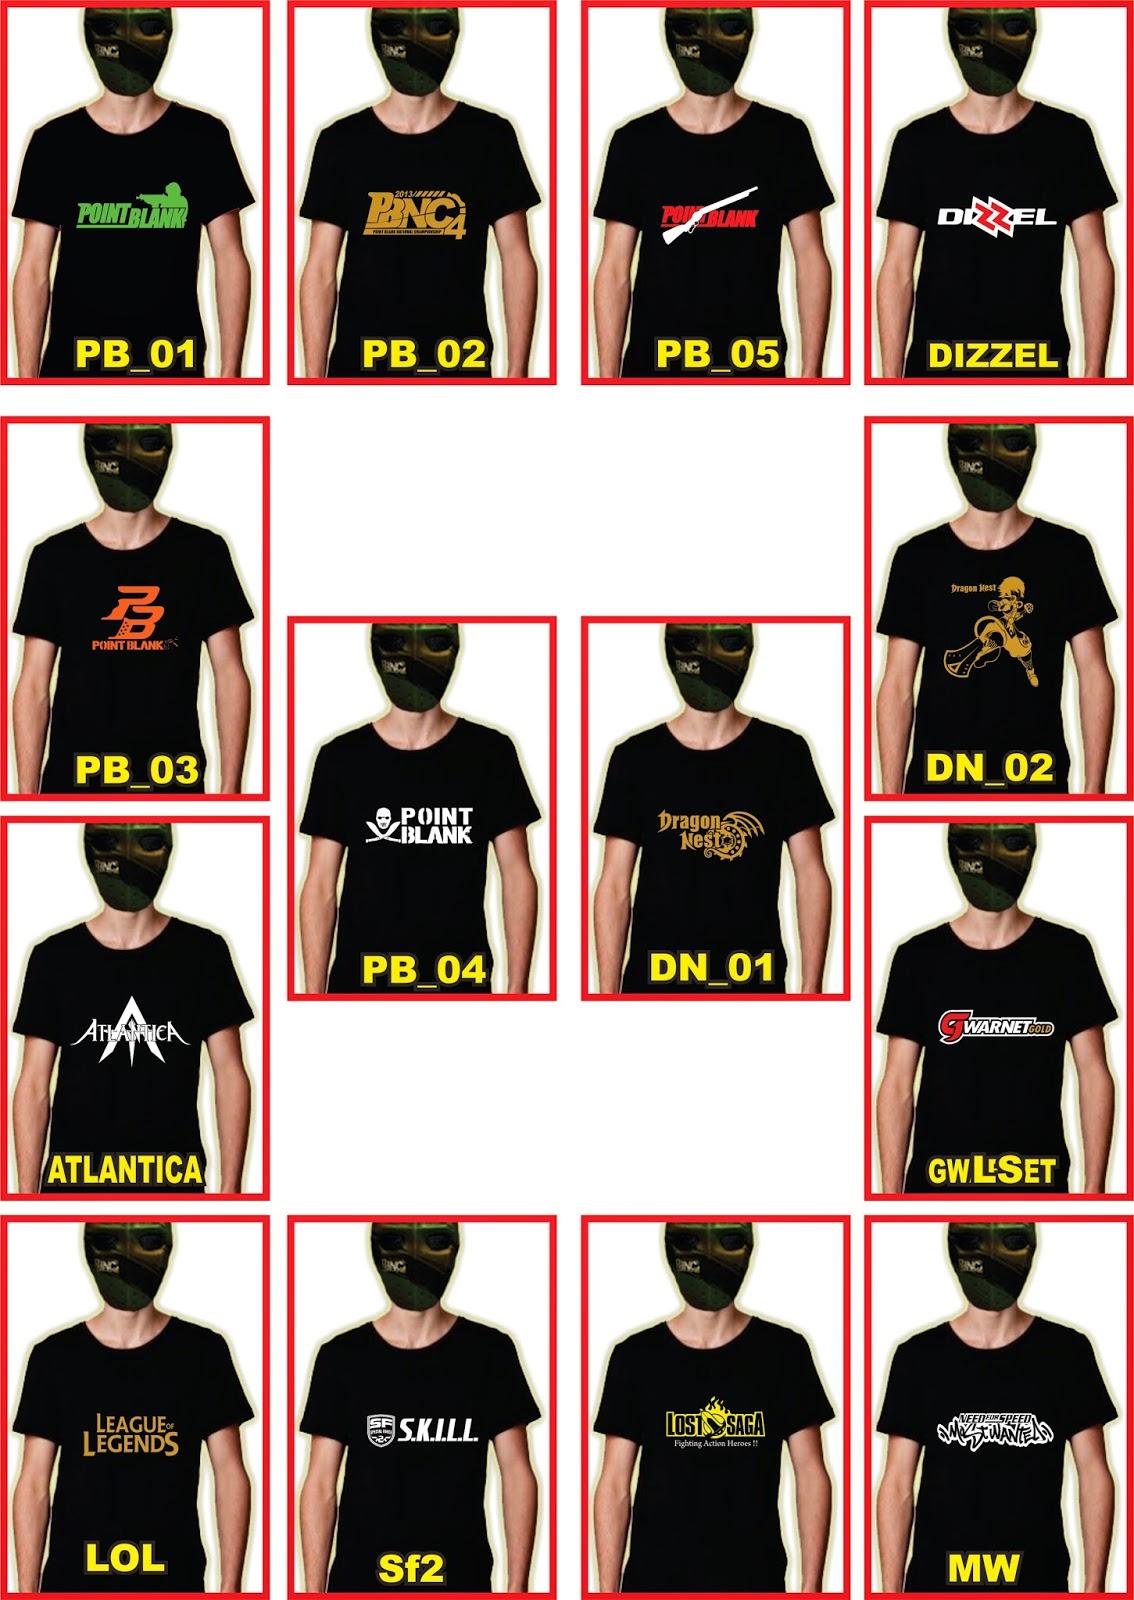 Kaos online shop